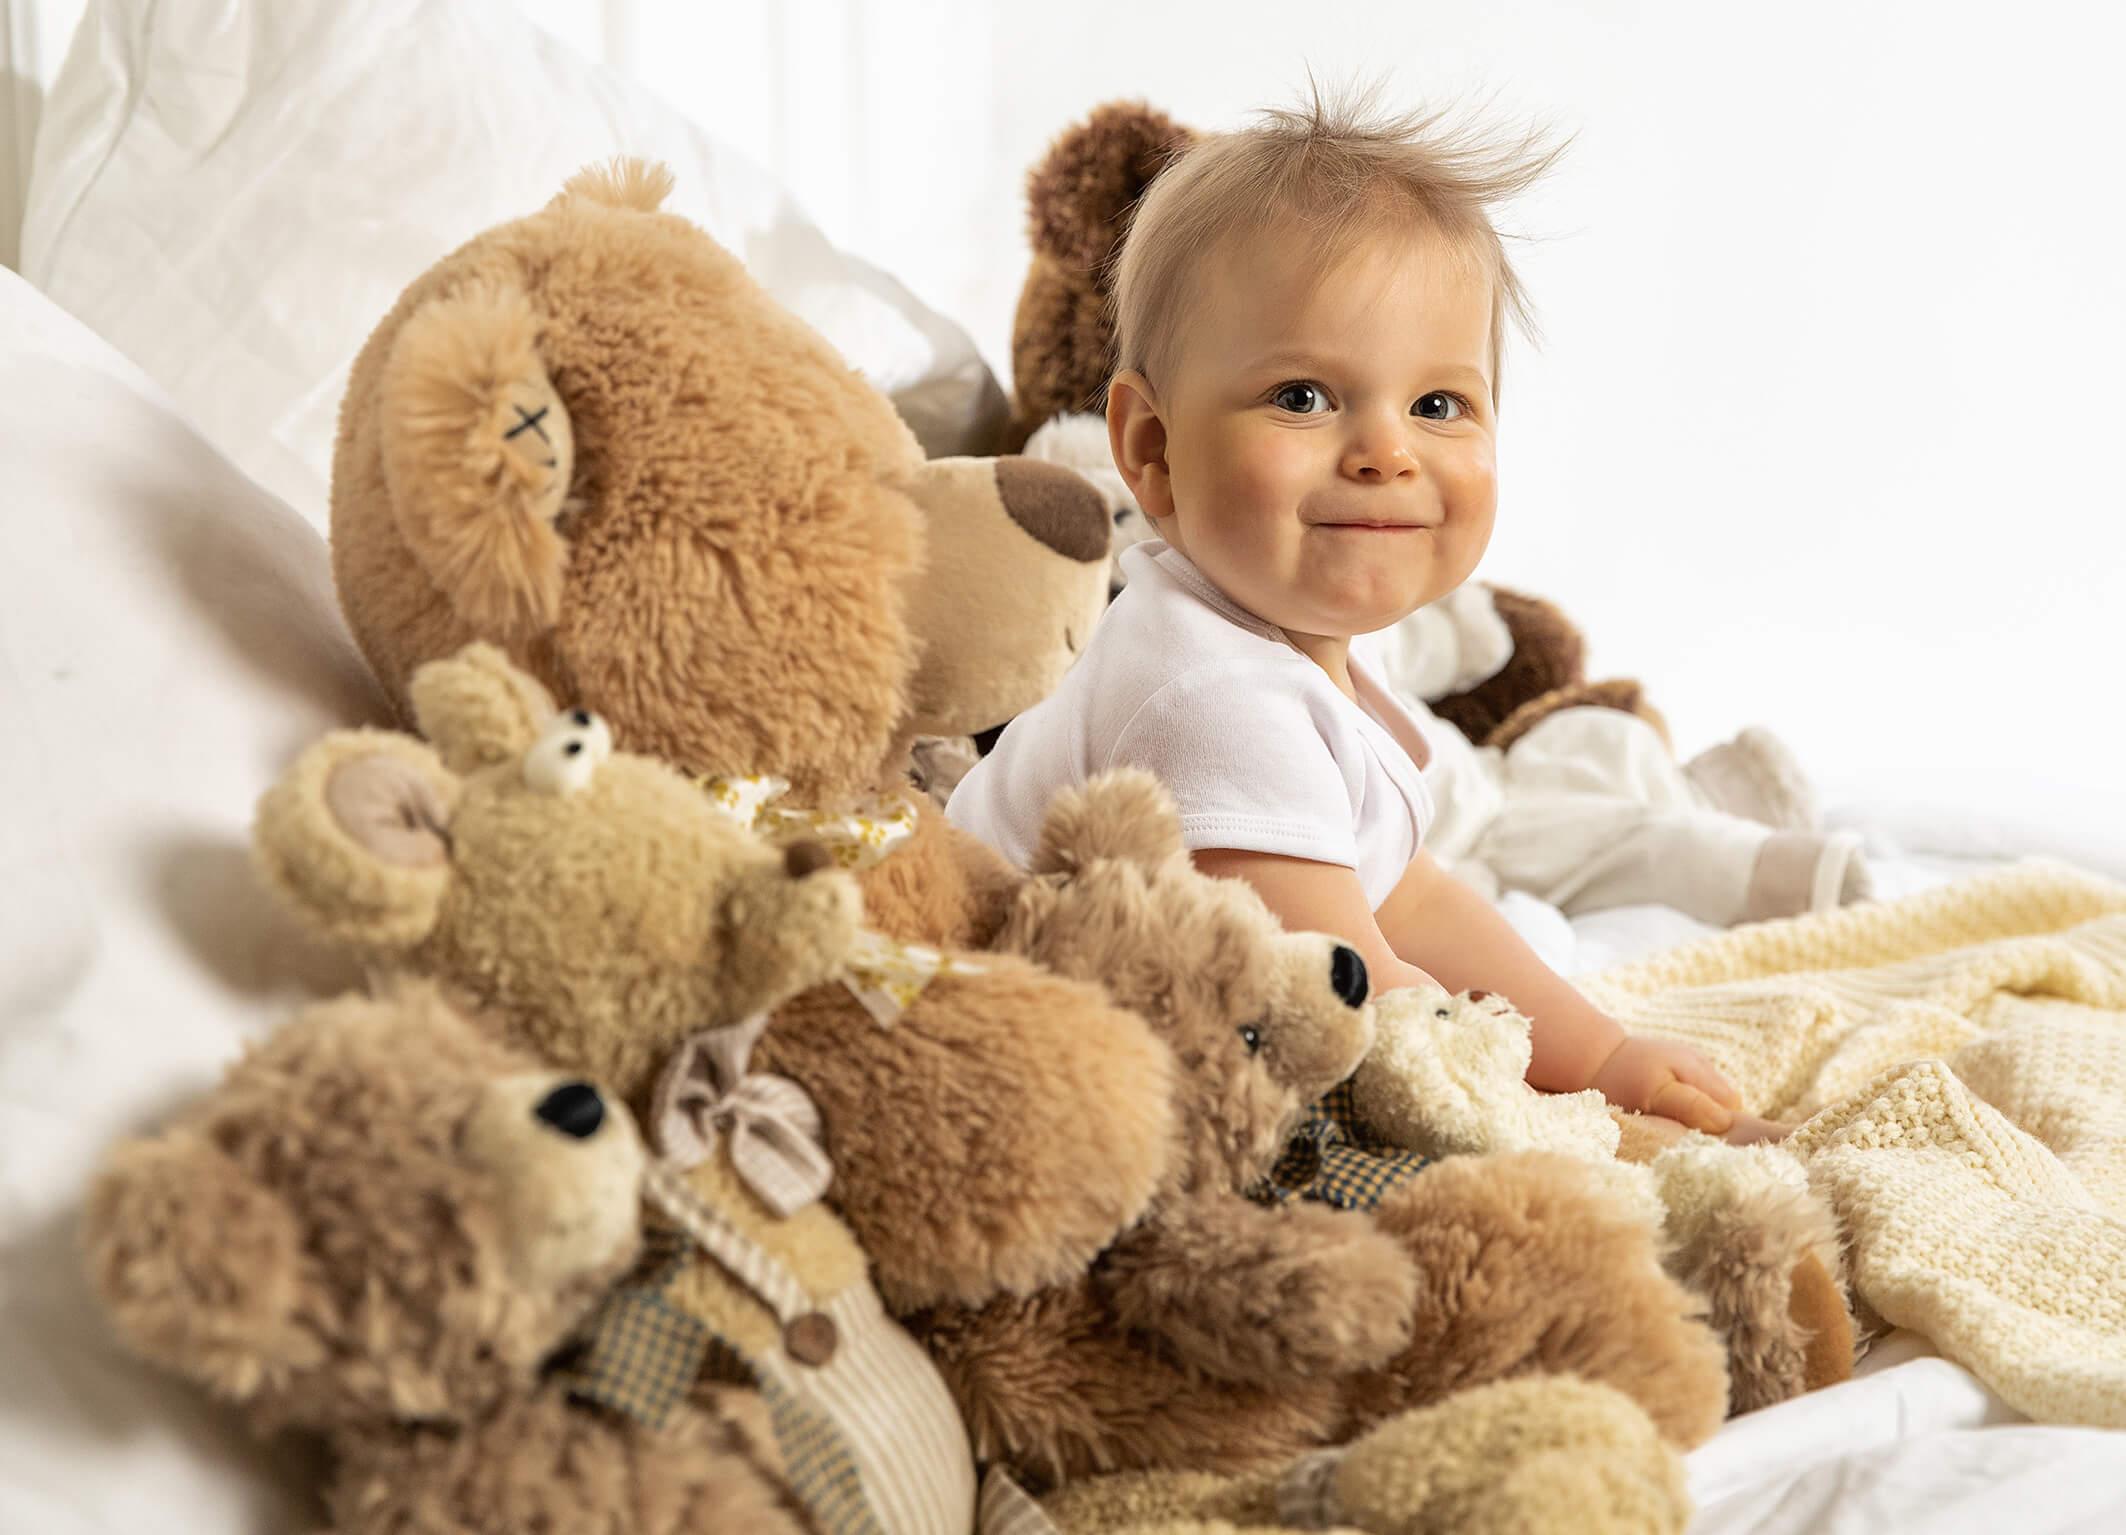 Babyfotos im Bett mit Teddybären